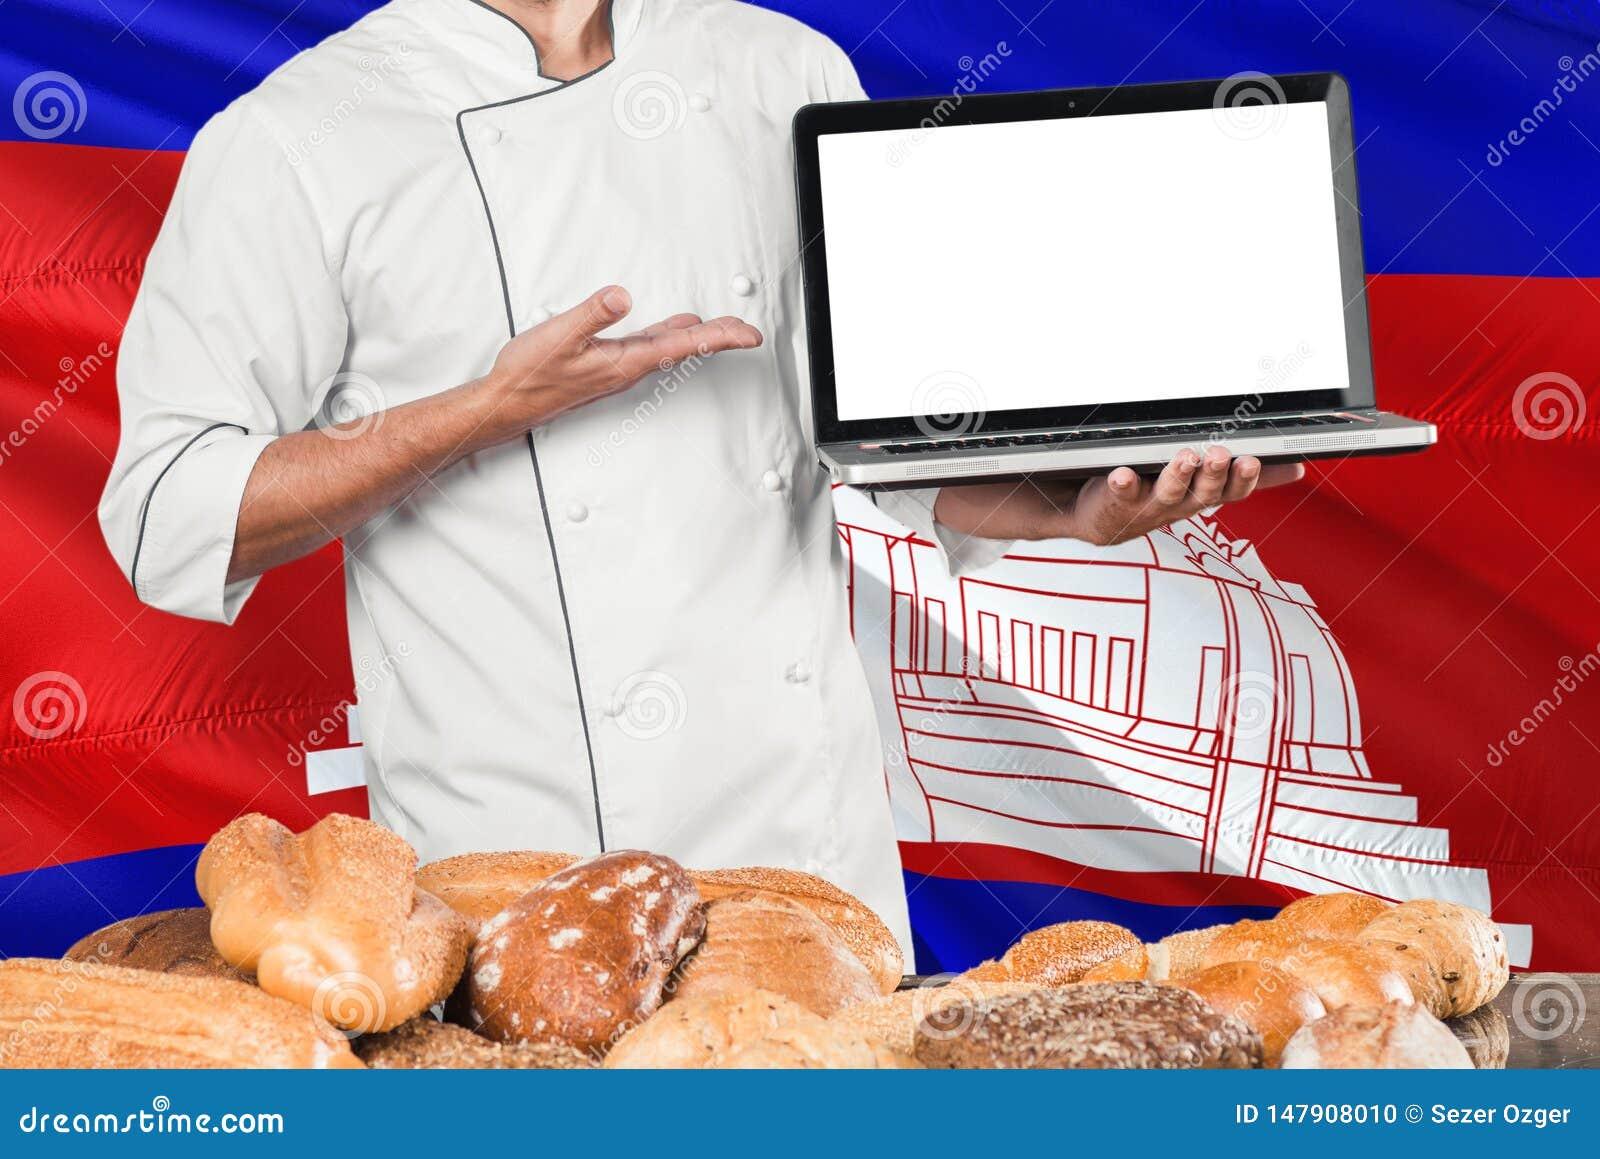 Ordenador portátil camboyano de la tenencia del panadero en la bandera de Camboya y el fondo de los panes Uniforme que lleva del